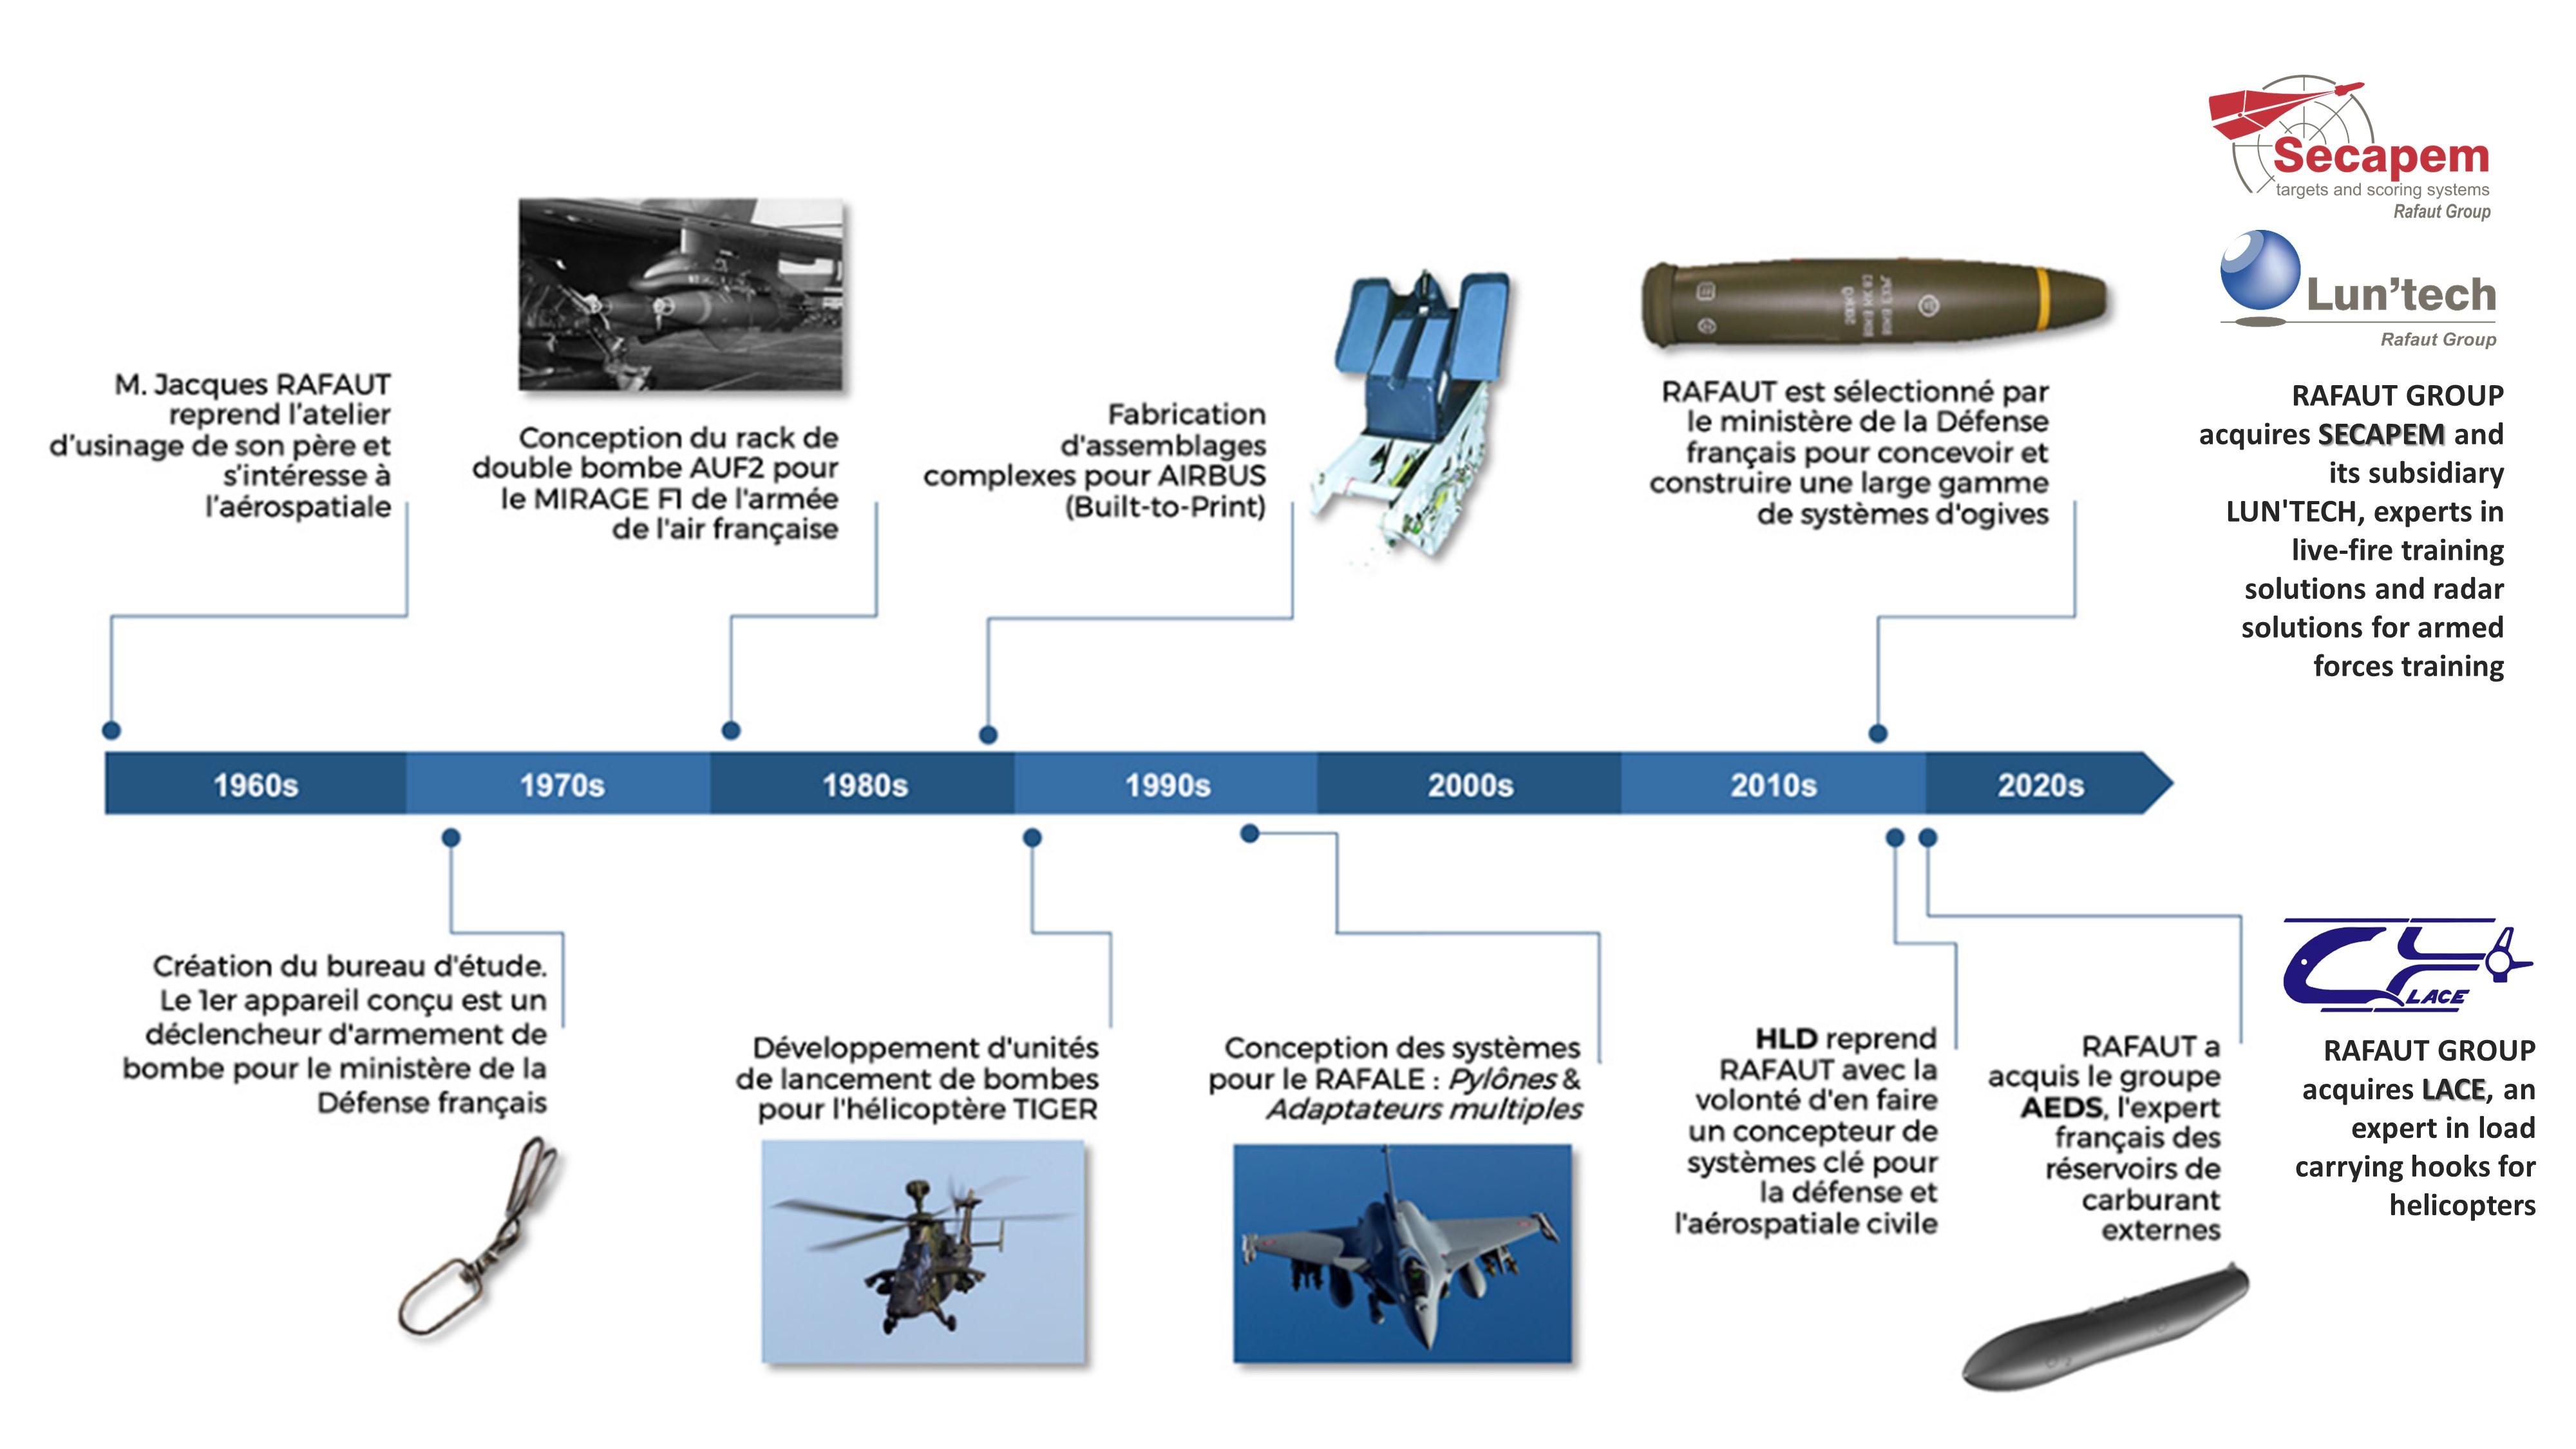 timeline history rafaut